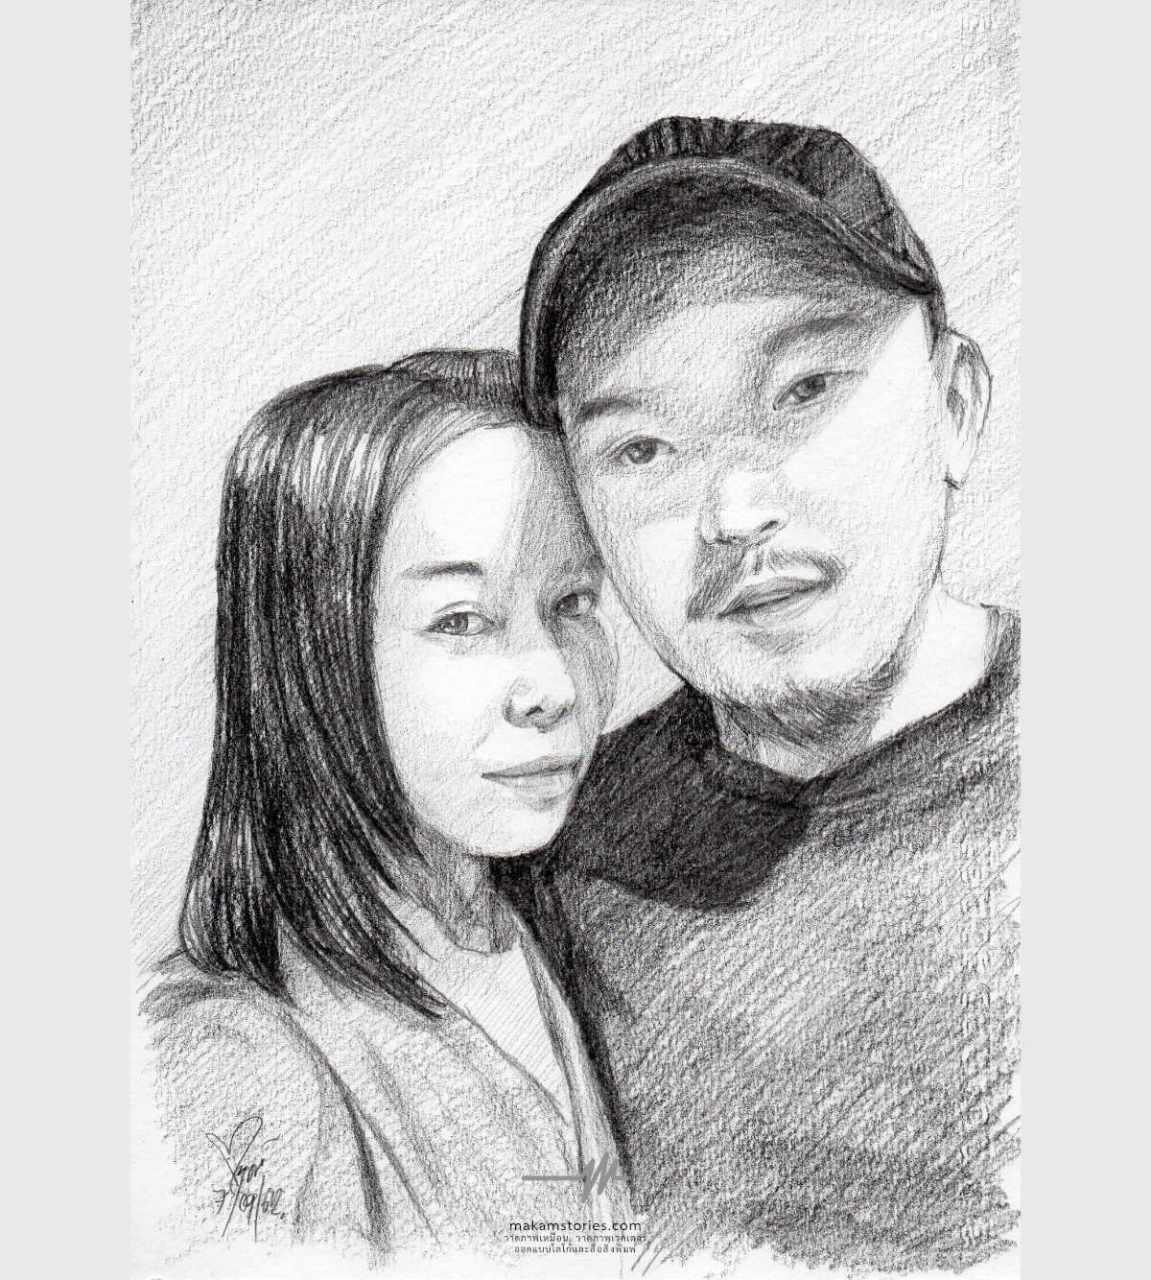 วาดภาพเหมือนลายเส้นดินสอ ภาพเหมือนคู่รักชายหญิง ภาพเหมือนสำหรับของขวัญวันเกิด